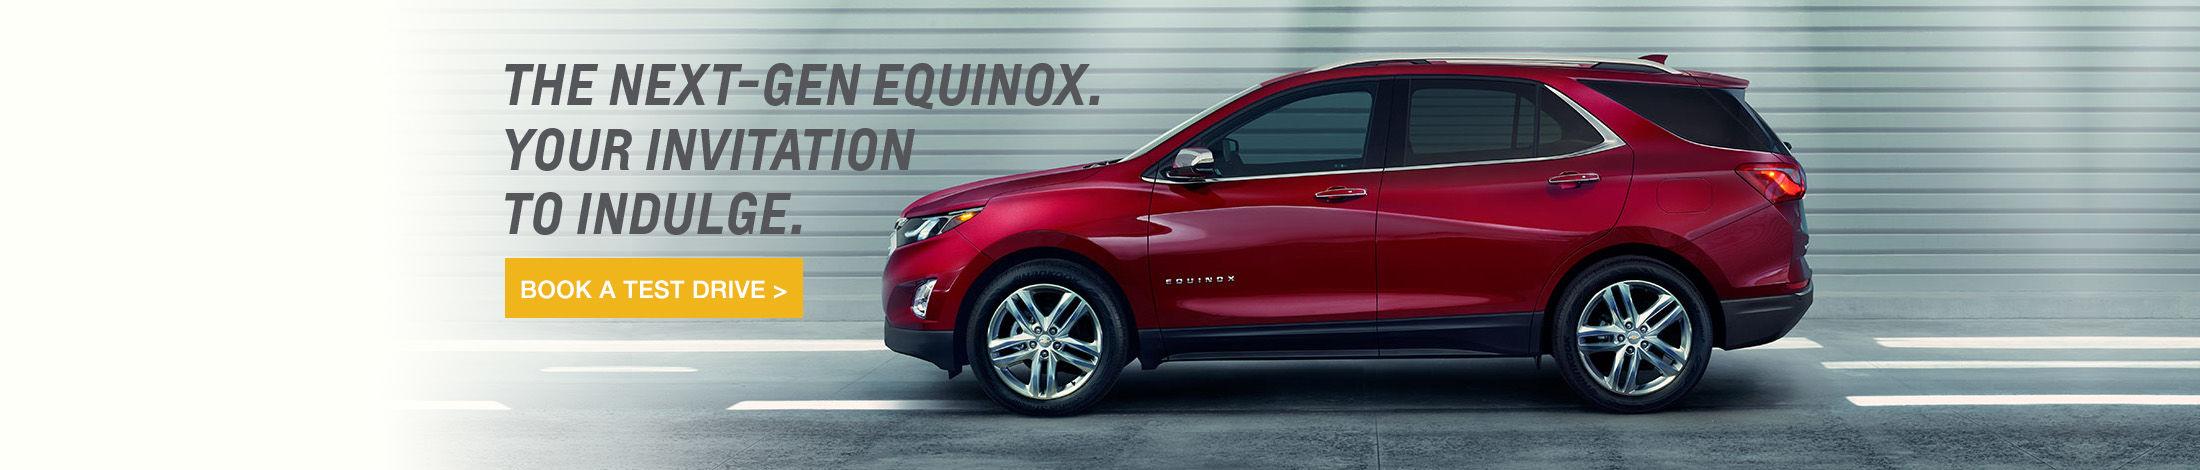 Header Chevrolet Equinox 2018 (Copy)